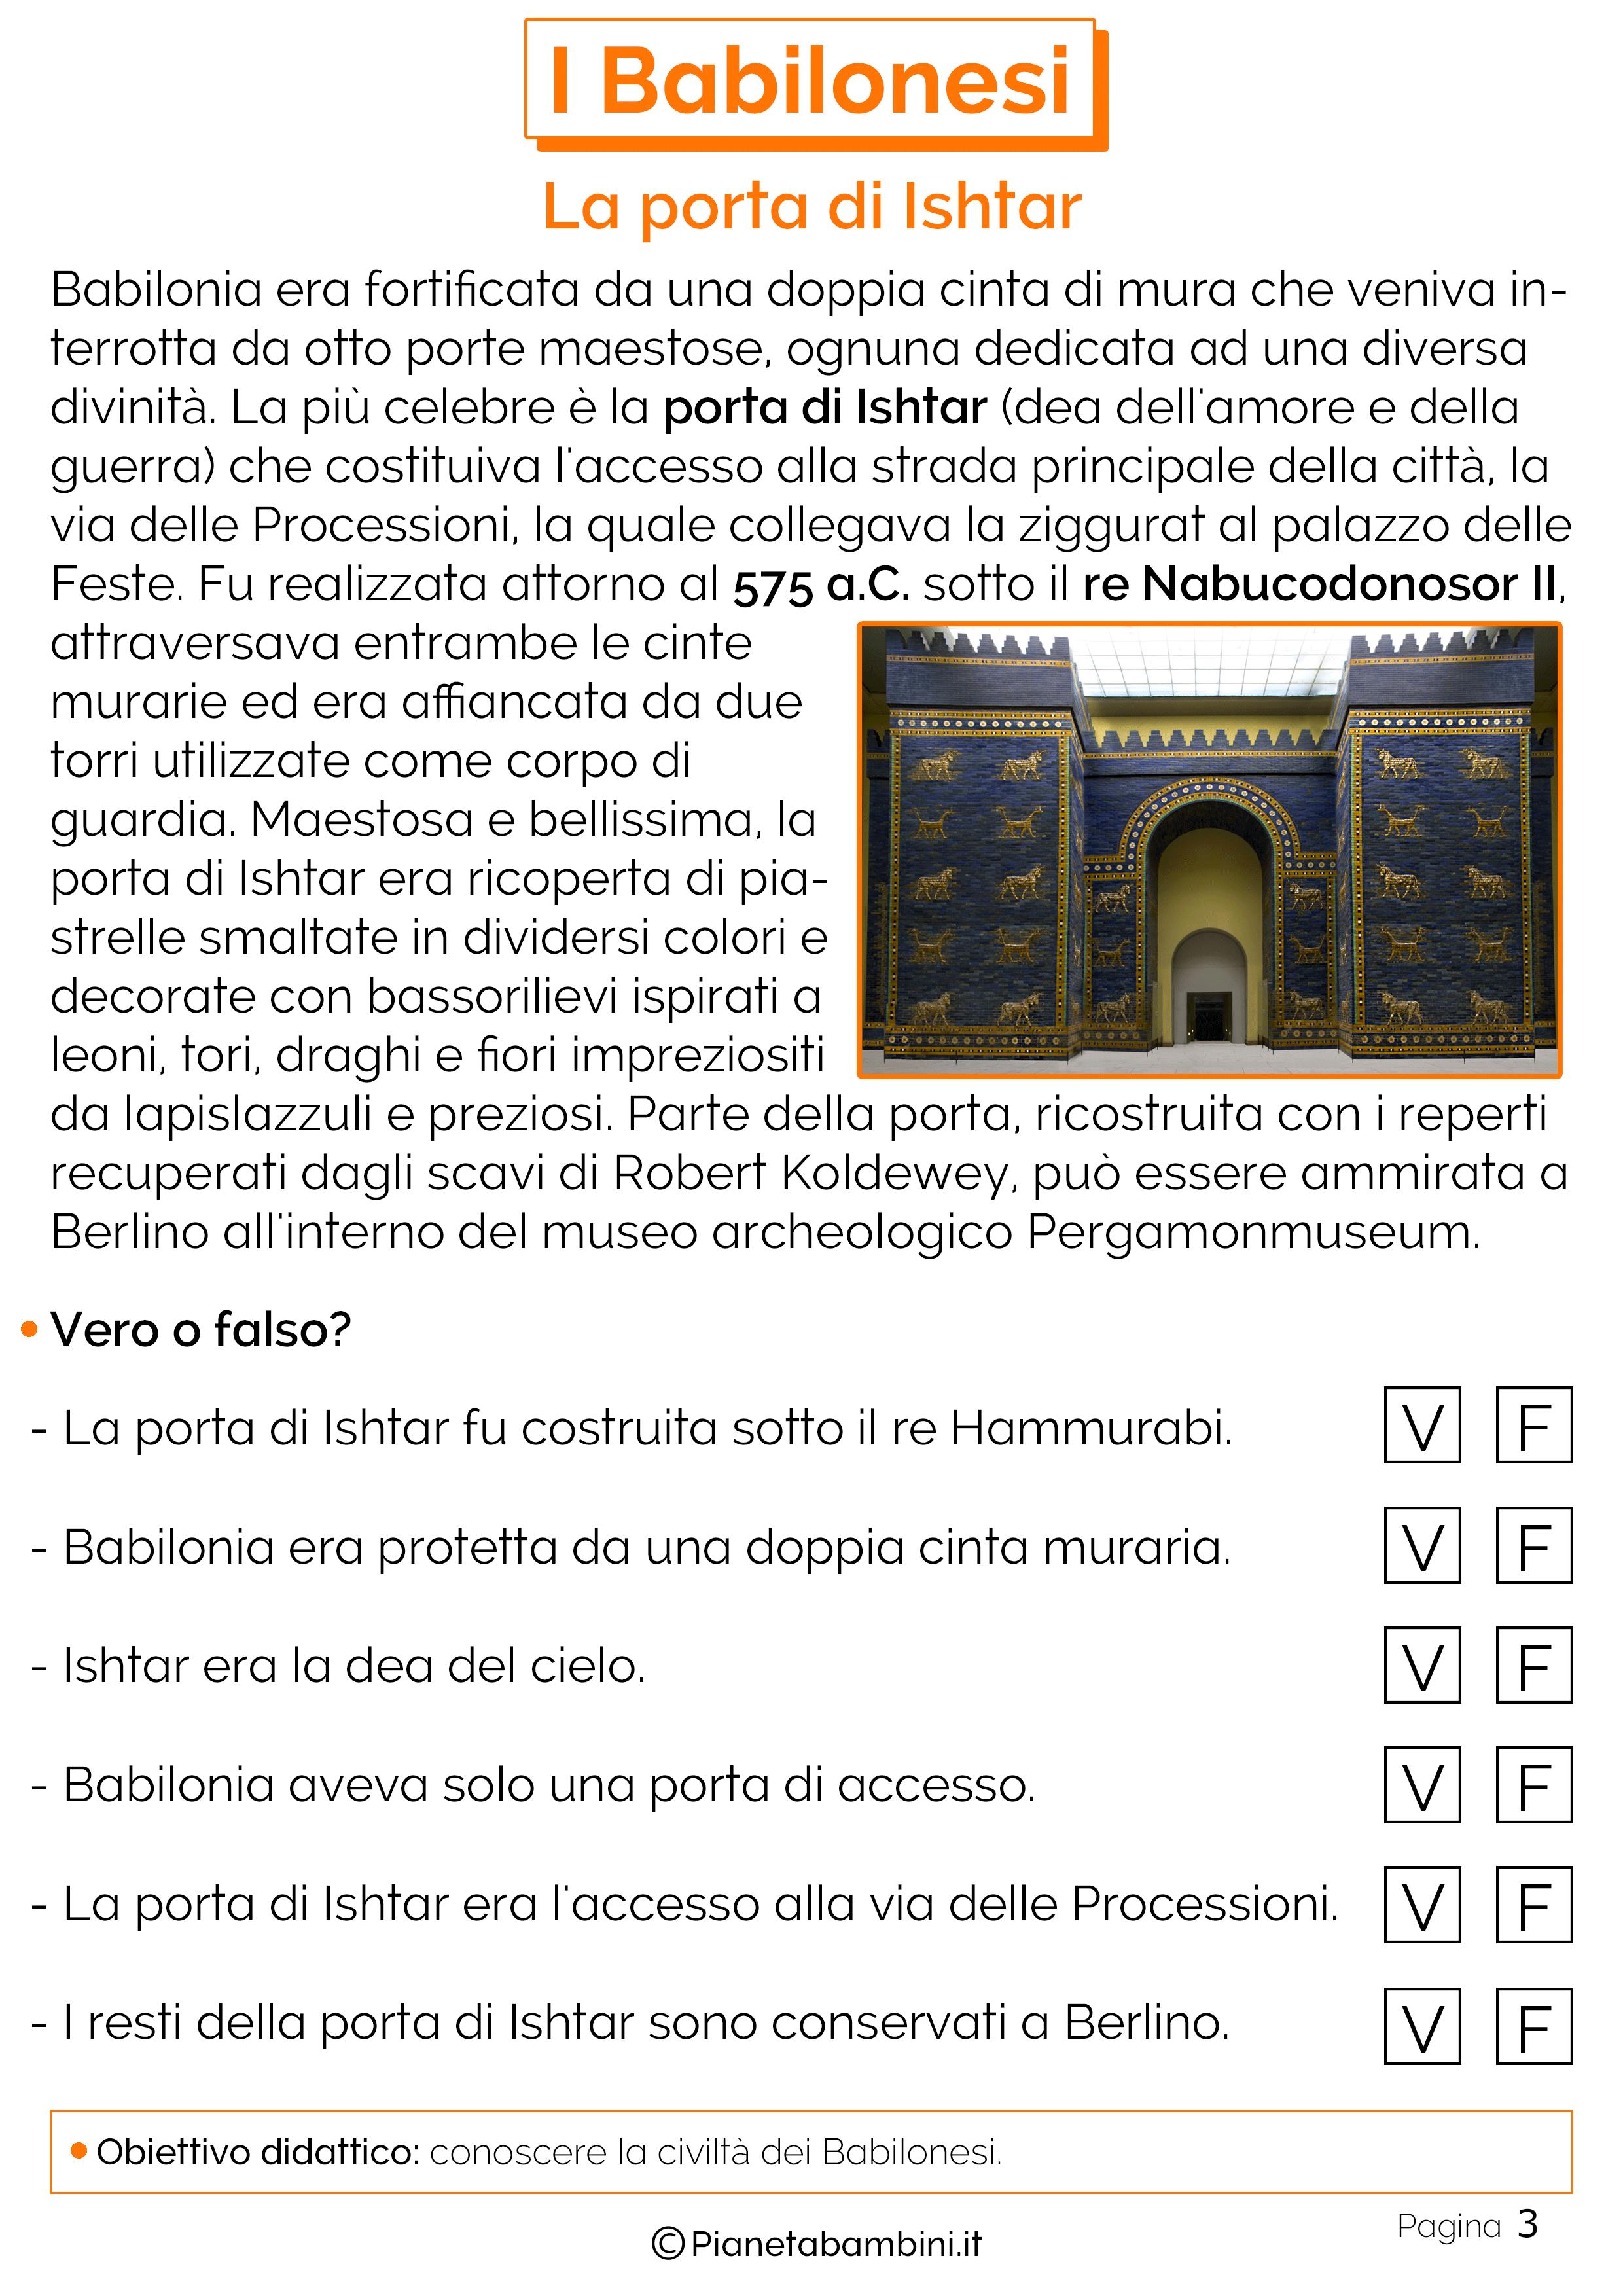 Schede didattiche sulla porta di Ishtar